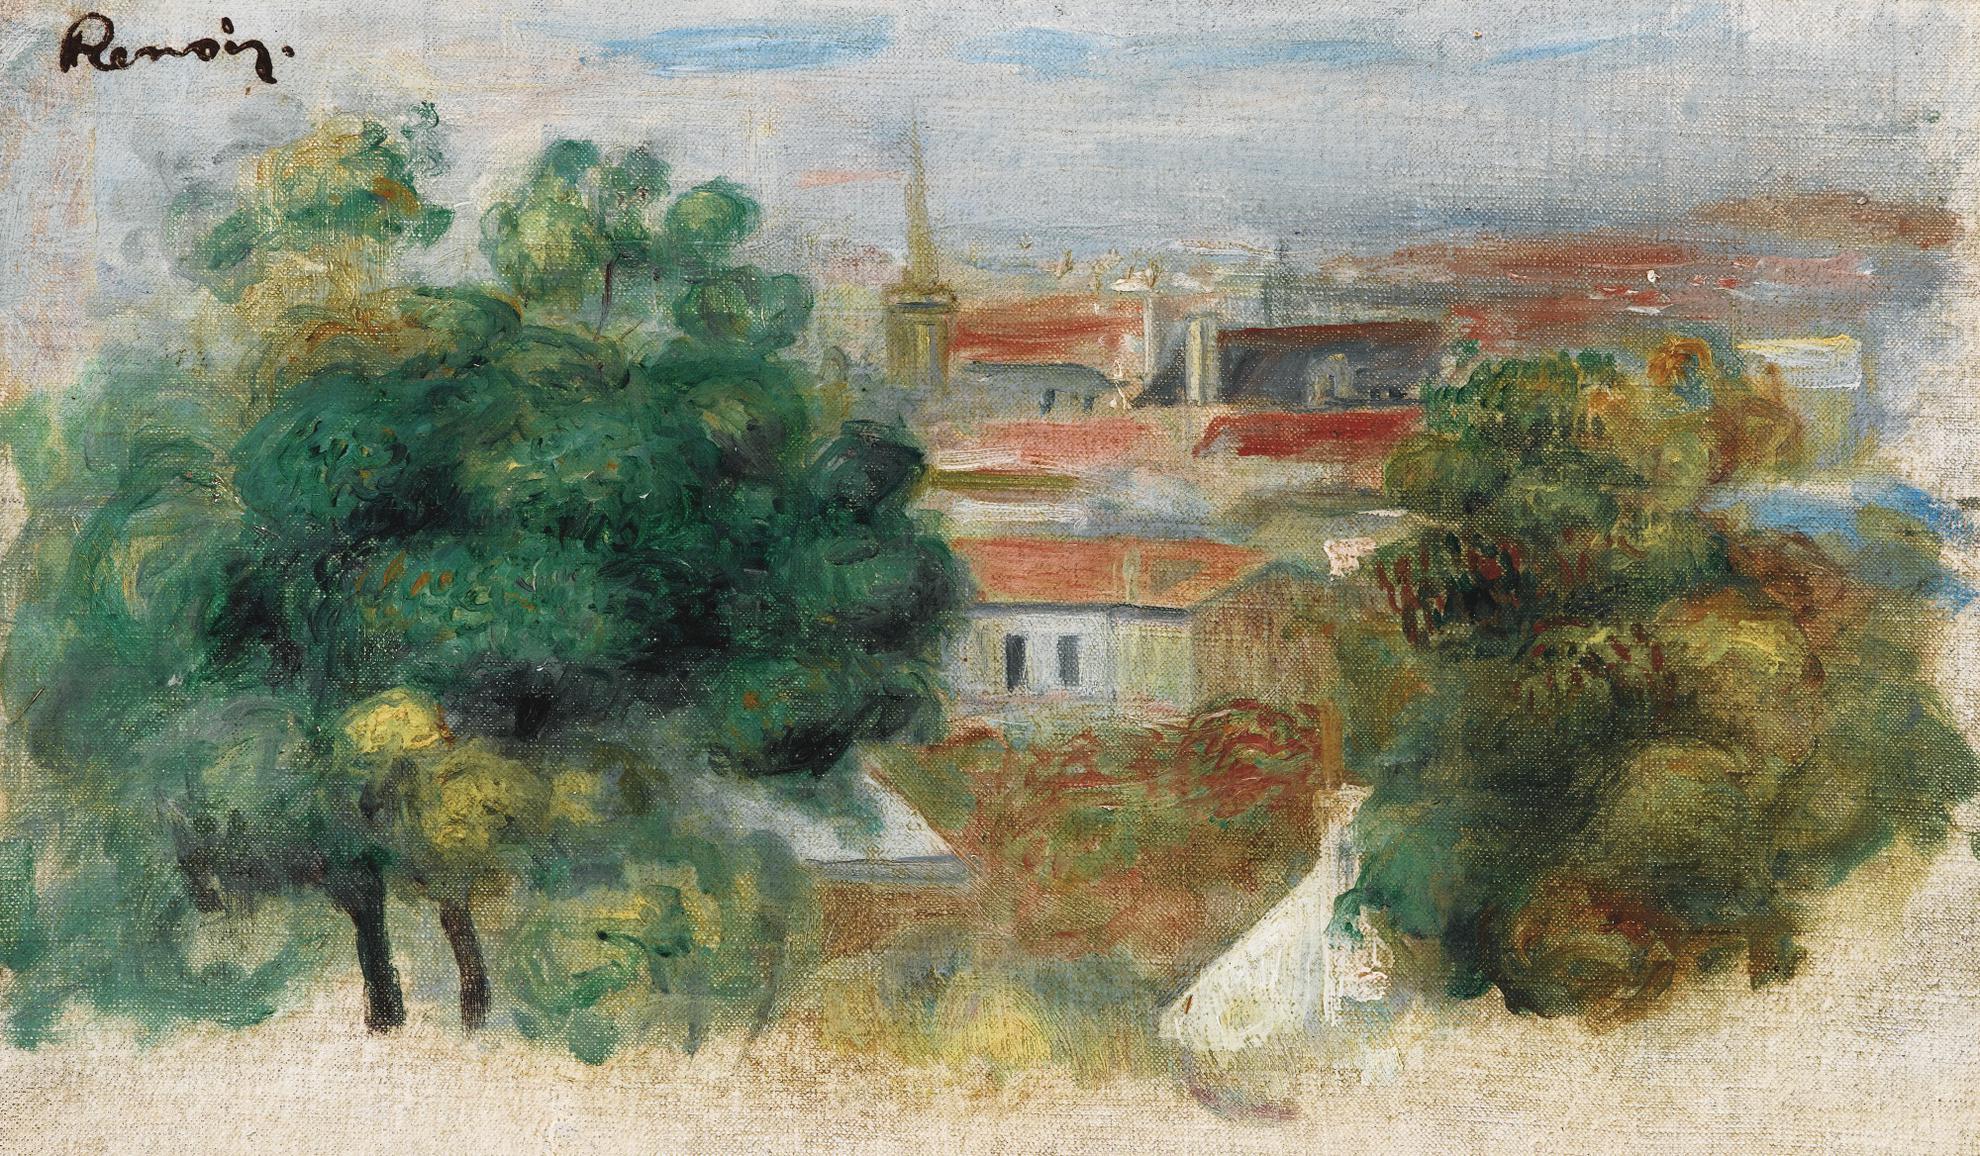 Pierre-Auguste Renoir-Paysage-1895